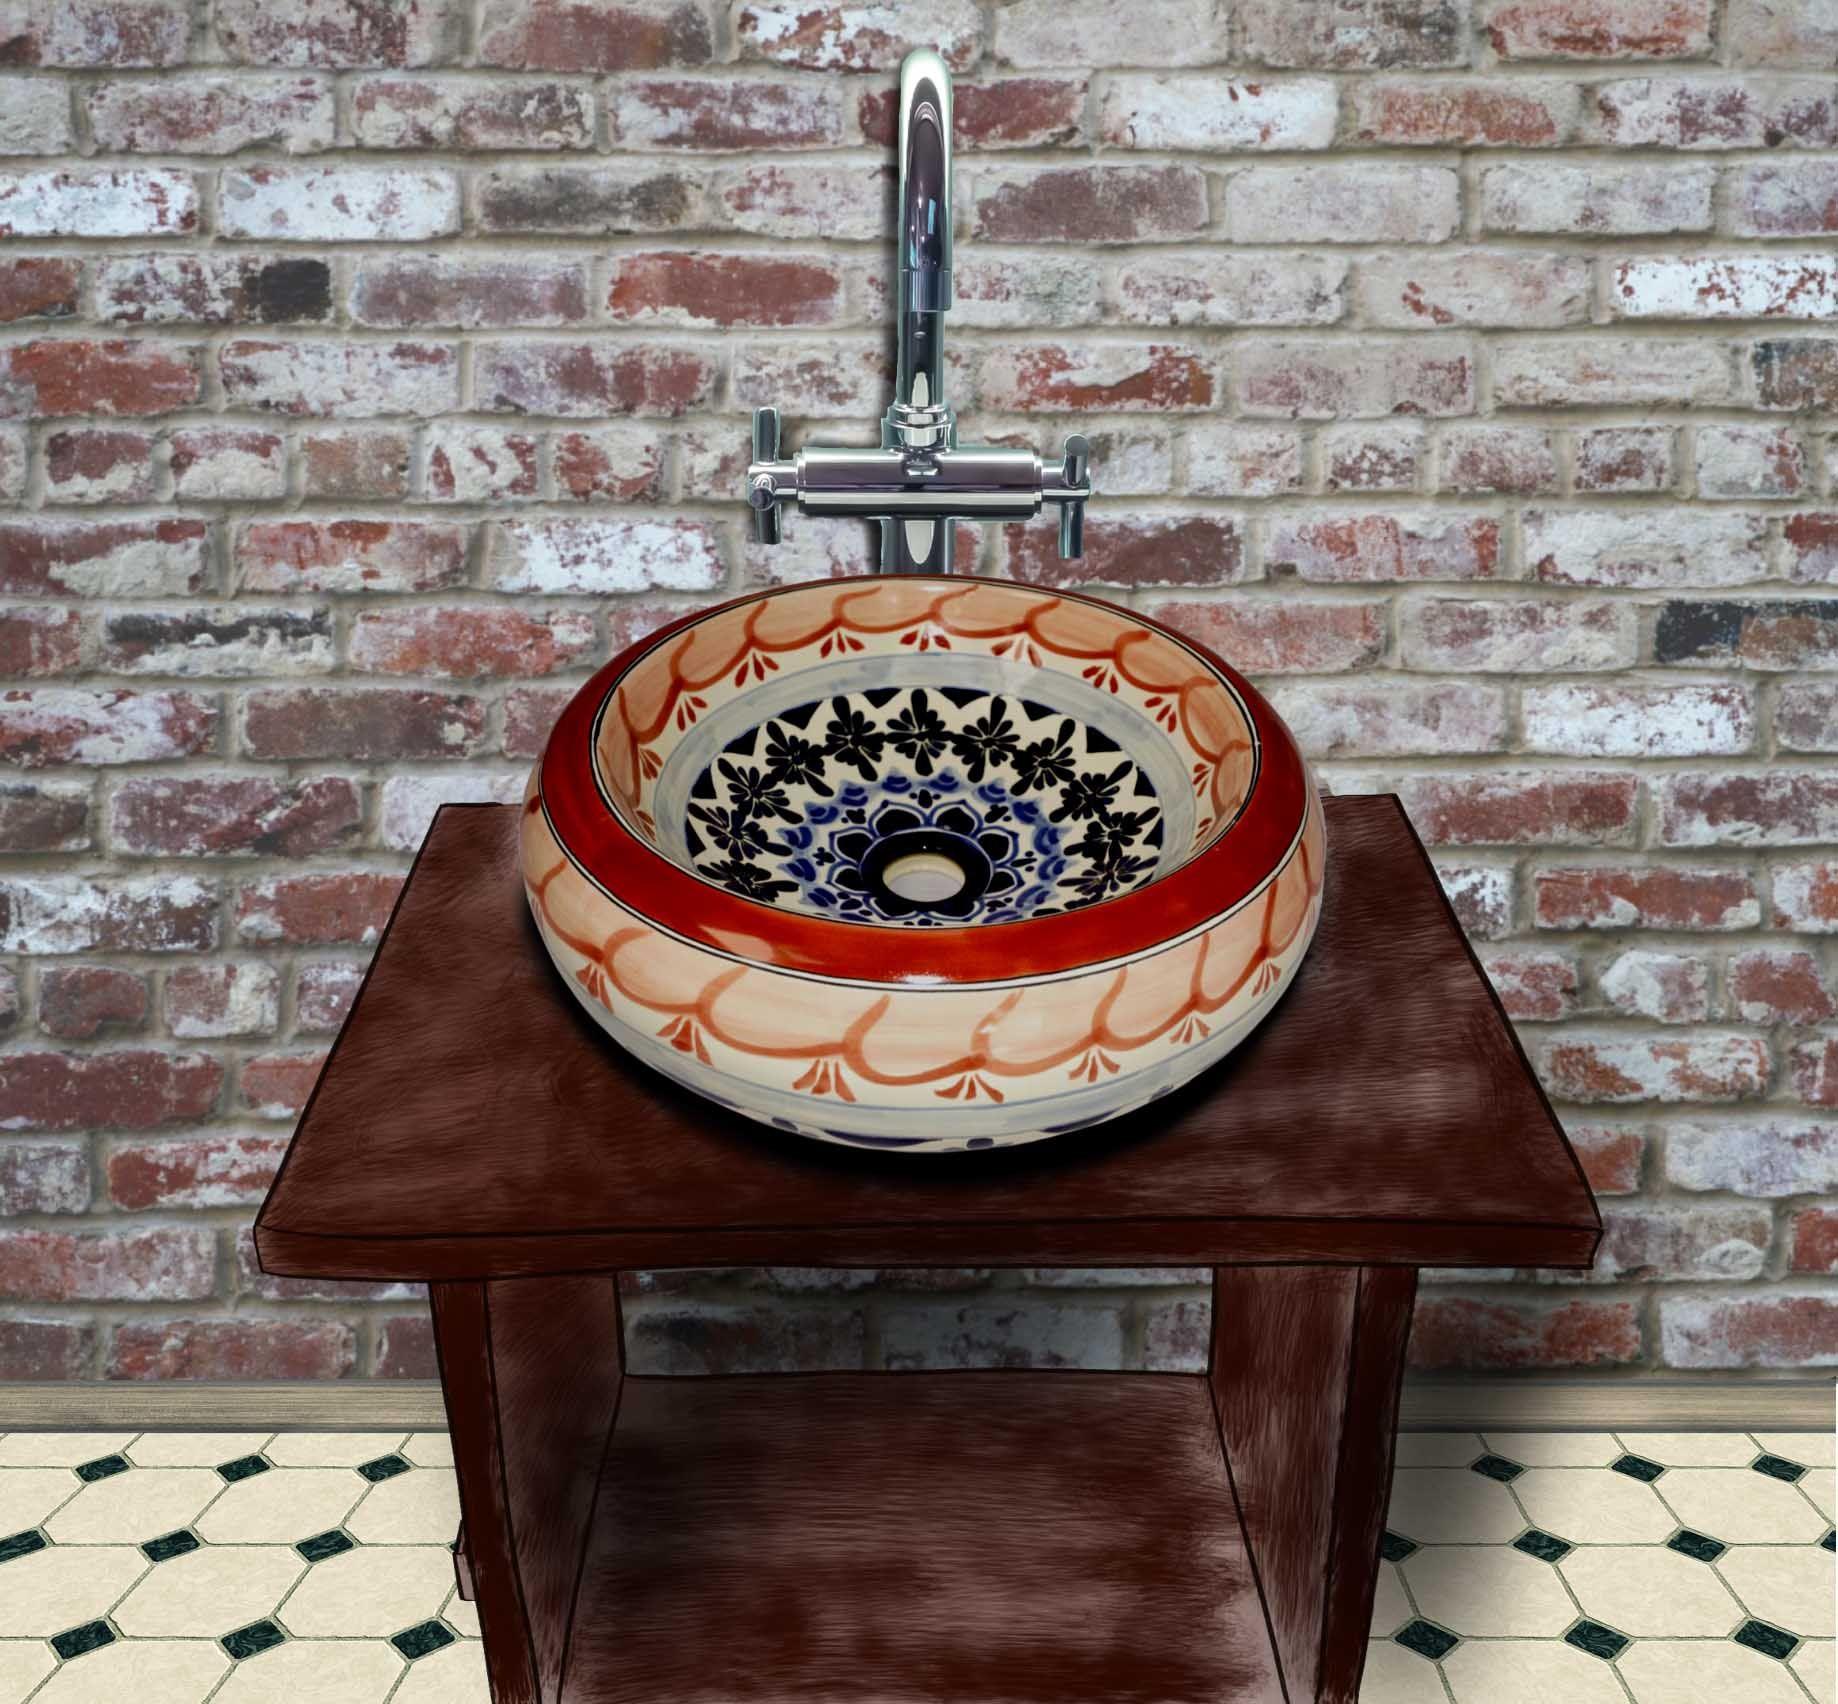 Farbige Waschbecken   Waschbecken, Einbauwaschbecken, Blumentopf keramik